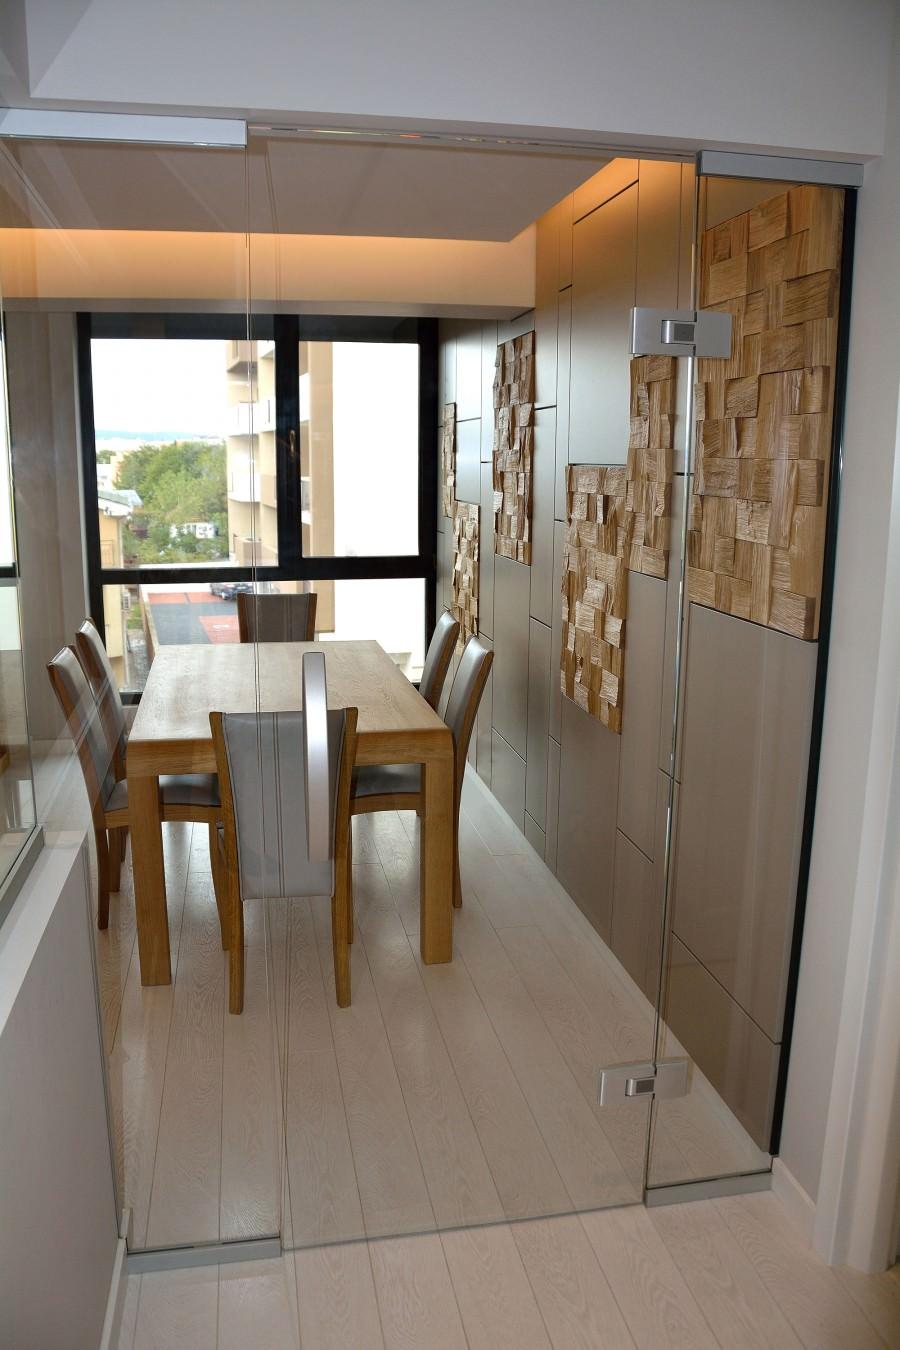 Living modern pe comanda Yulmob cu pereti placati din Mdf Vopsit Mat Gri cu placi din lemn masiv stejar natur si biblioteca cu comoda din lemn masiv si scaune tapitate in piele naturala gri 900x1350 1